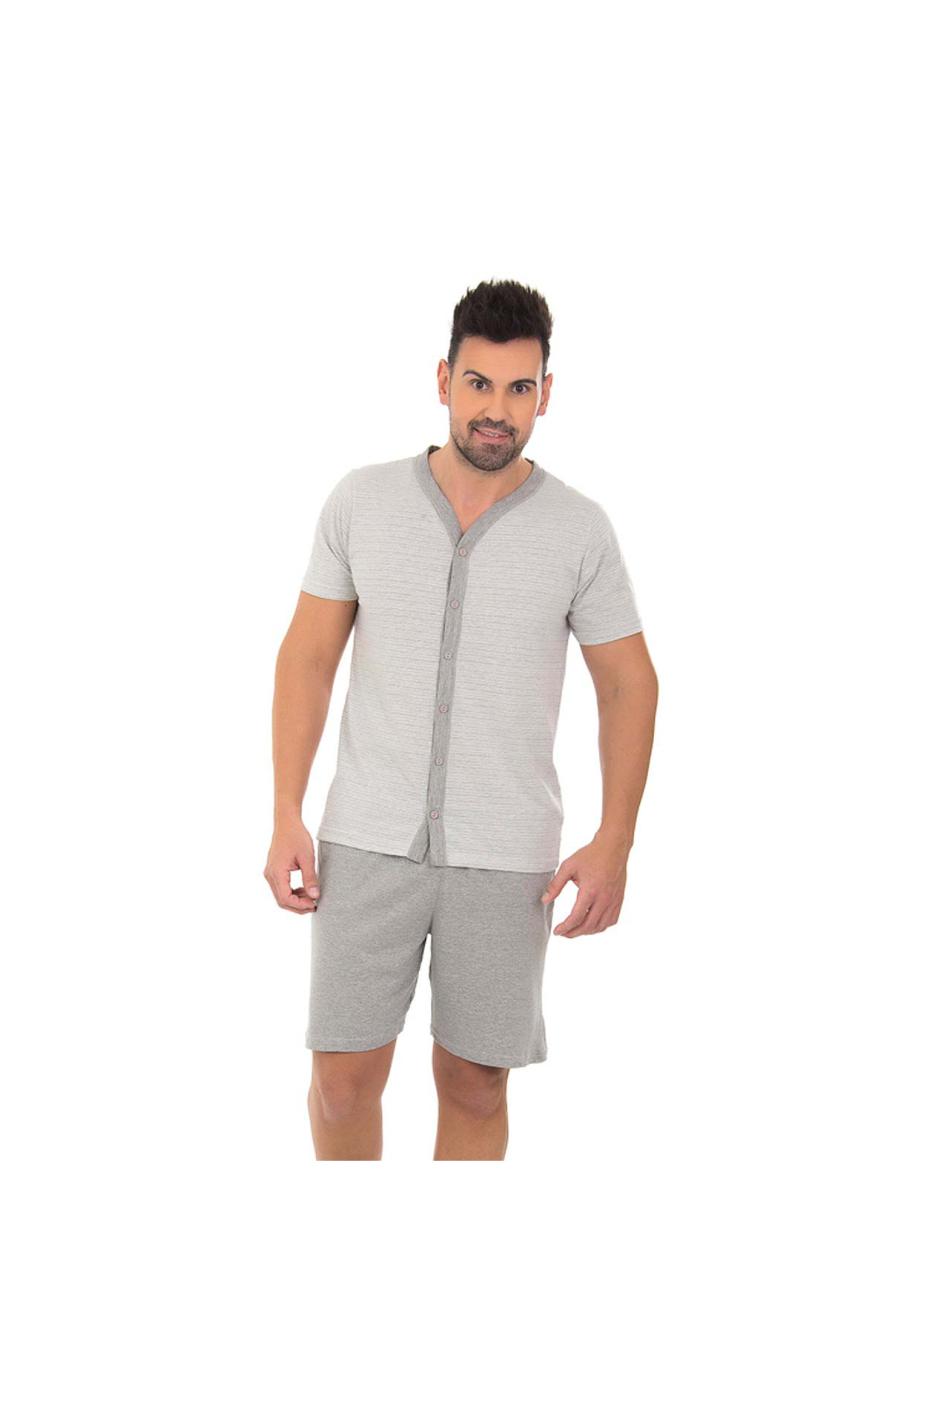 207/B - Pijama Adulto Masculino  Aberto